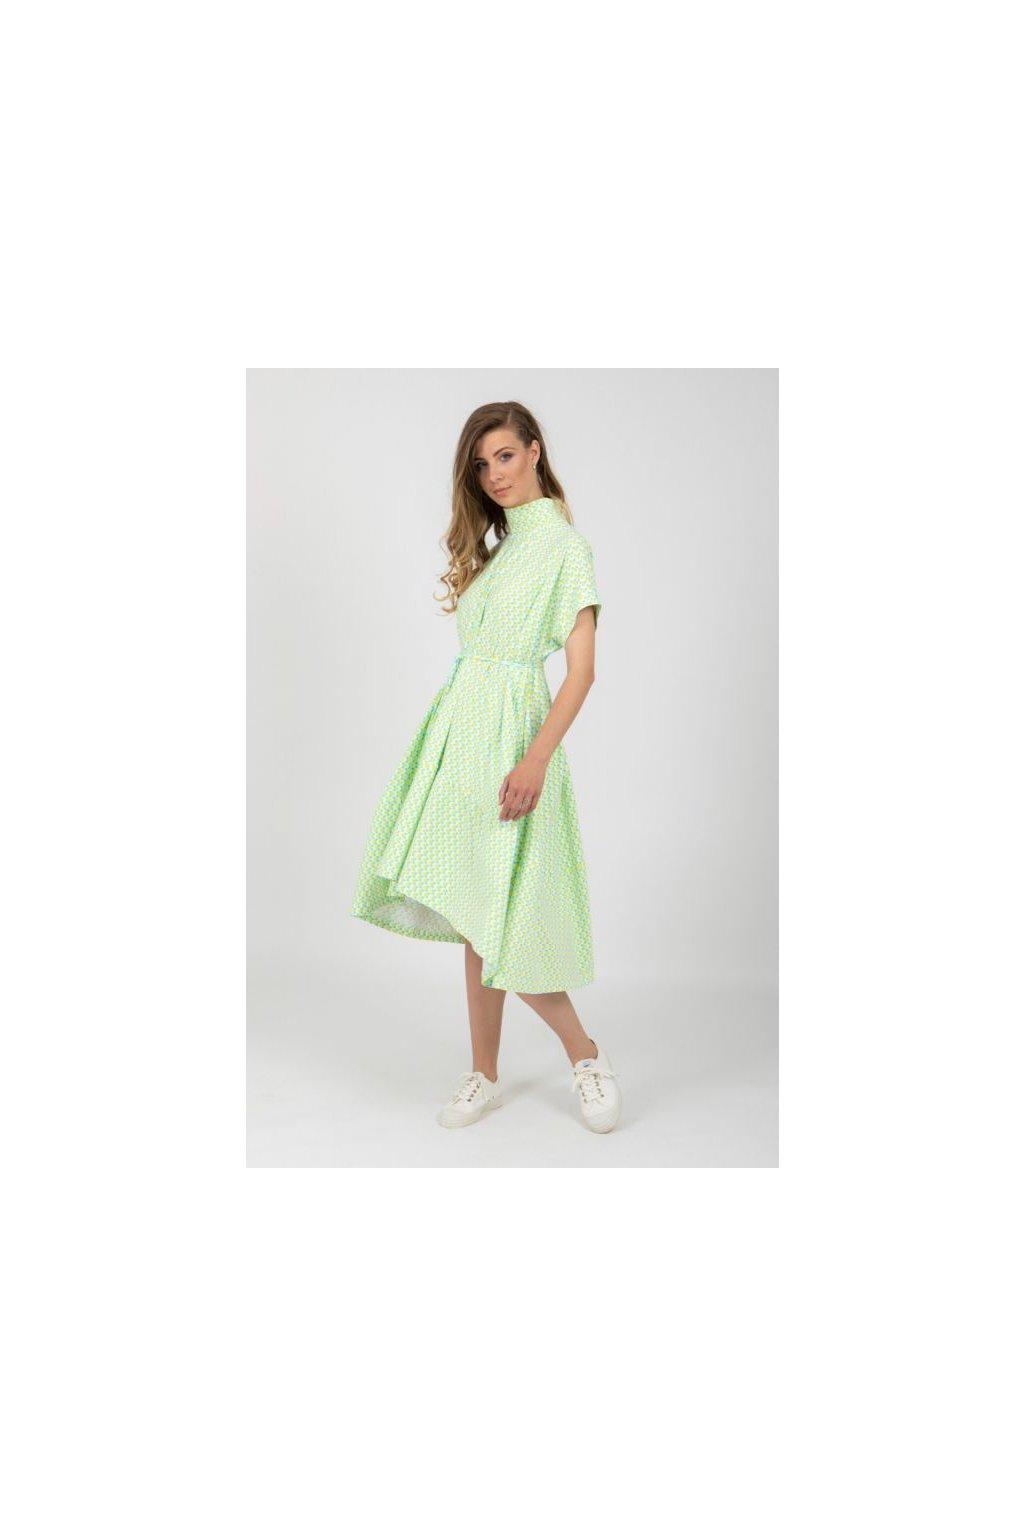 Univerzální úpletová oversize šaty pestrobarevné